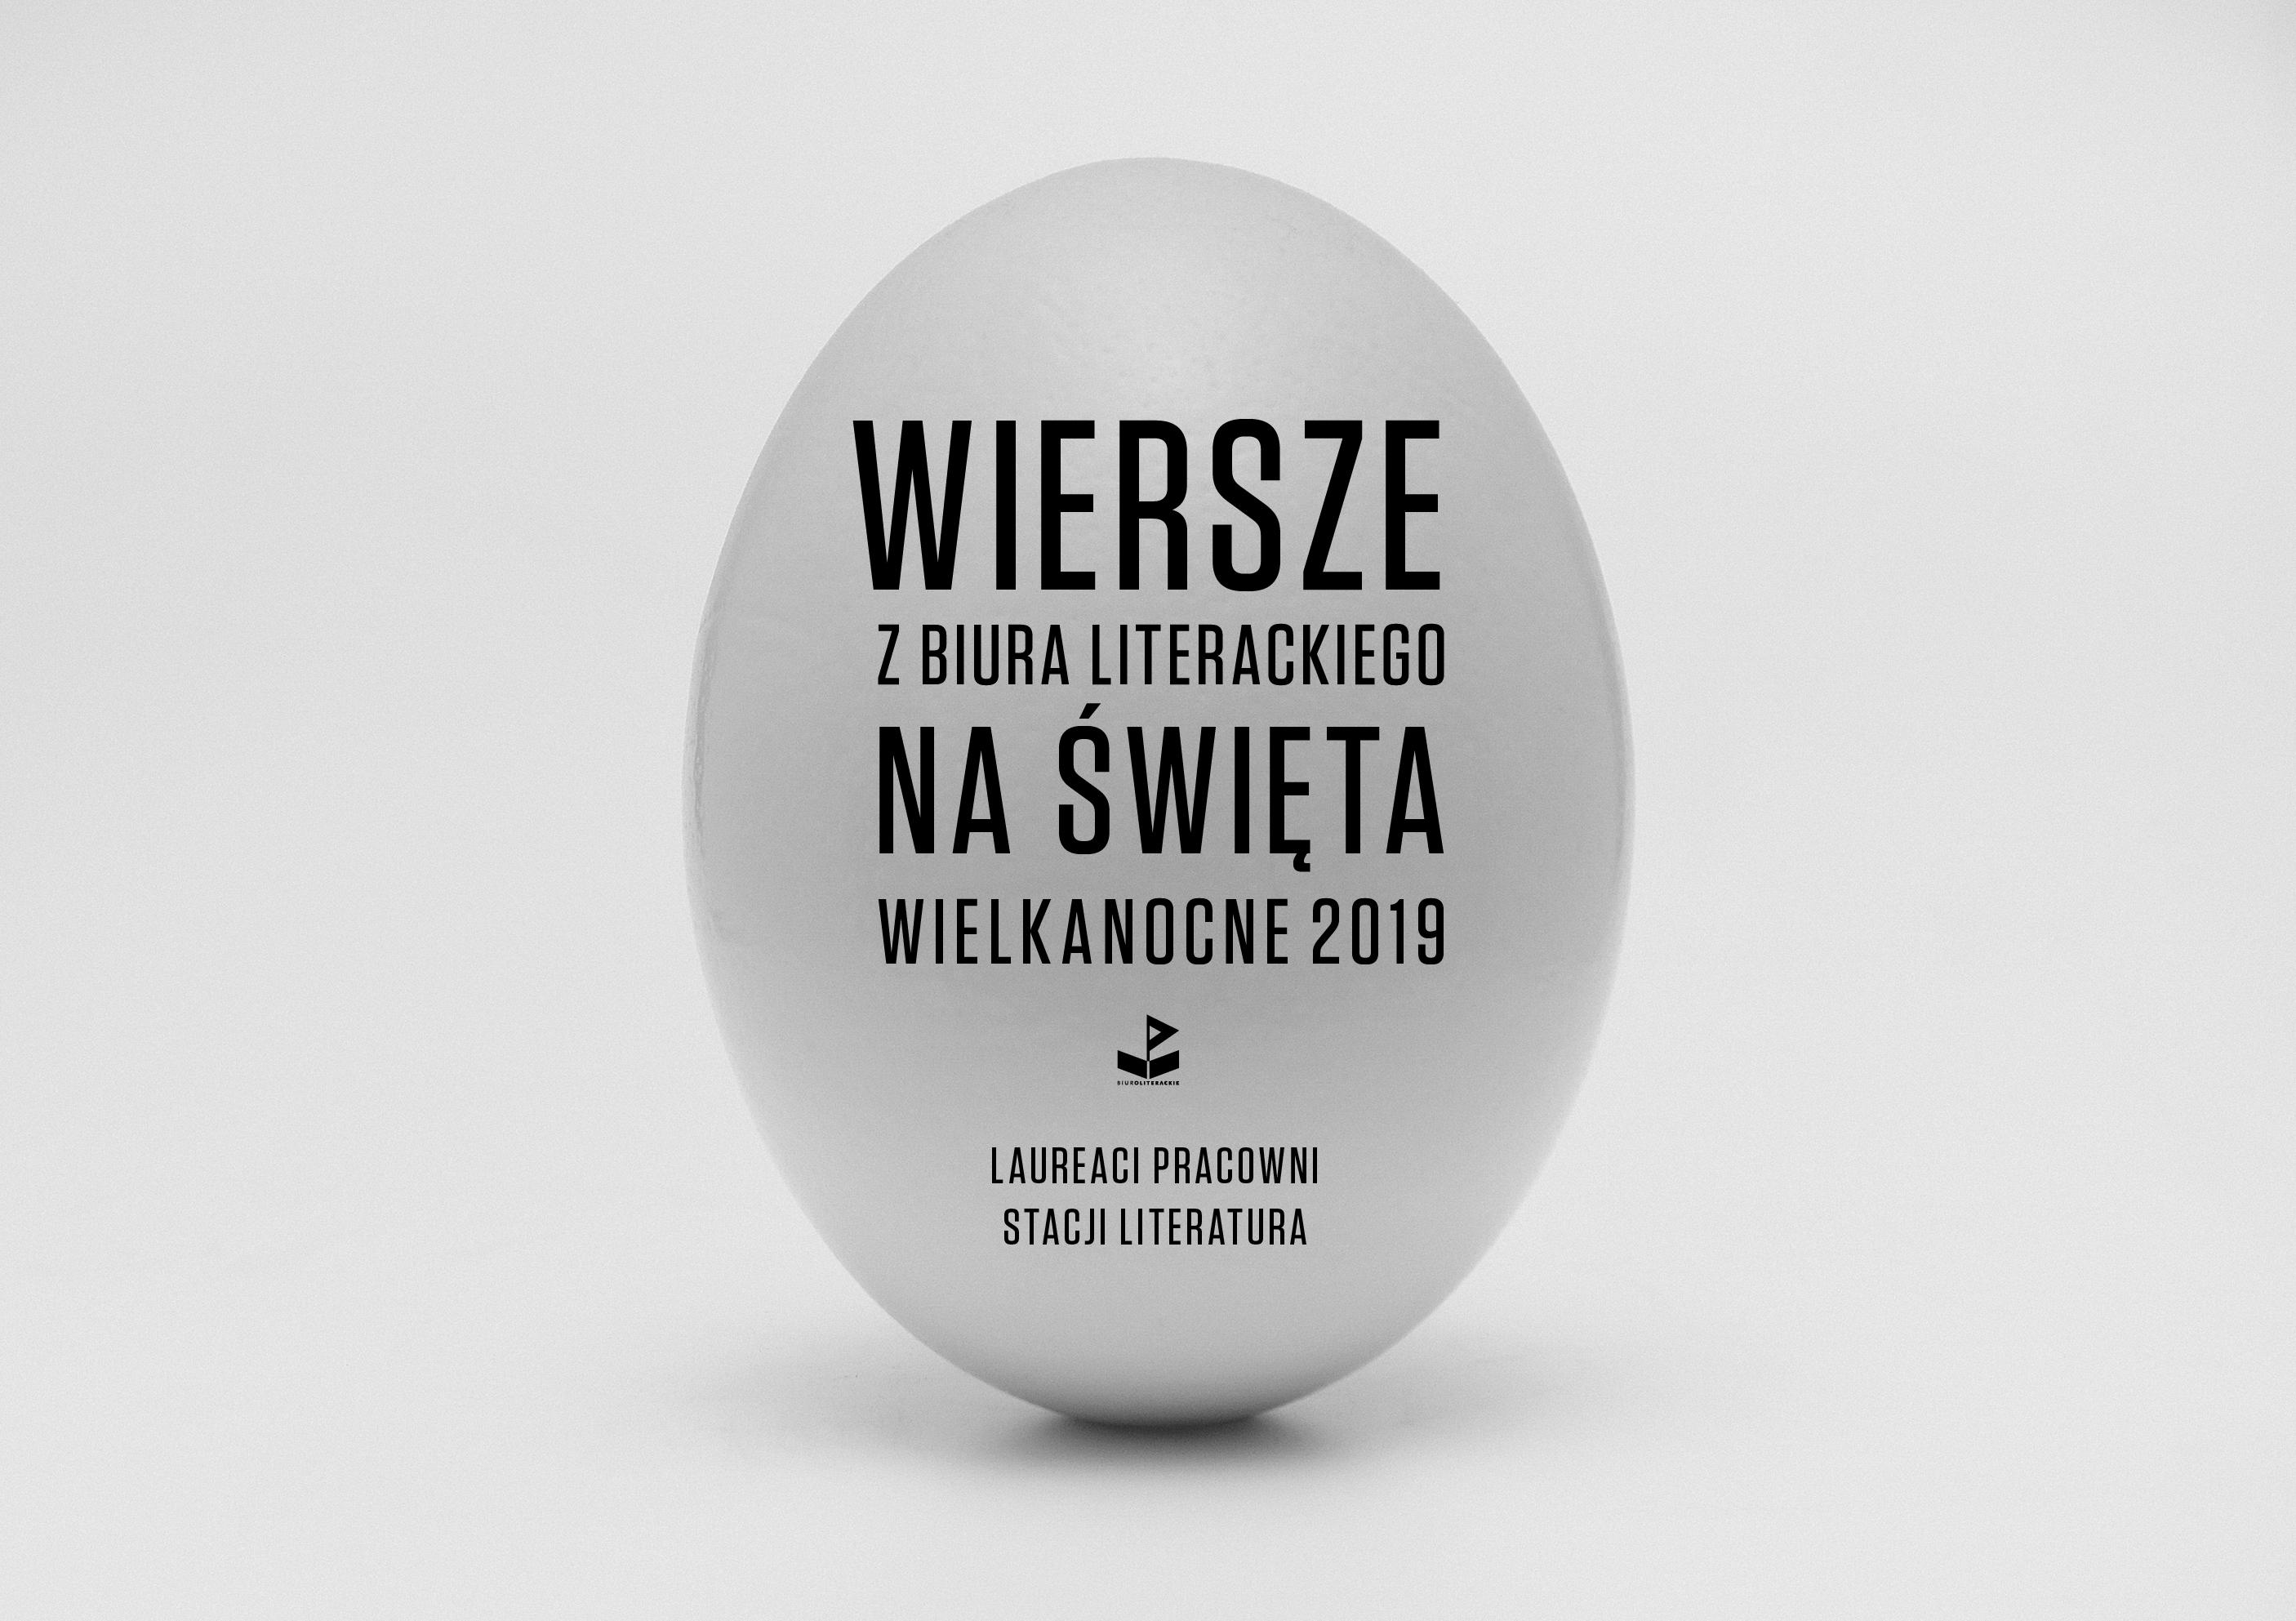 Wiersze Na święta Wielkanocne 2019 Biuro Literackie